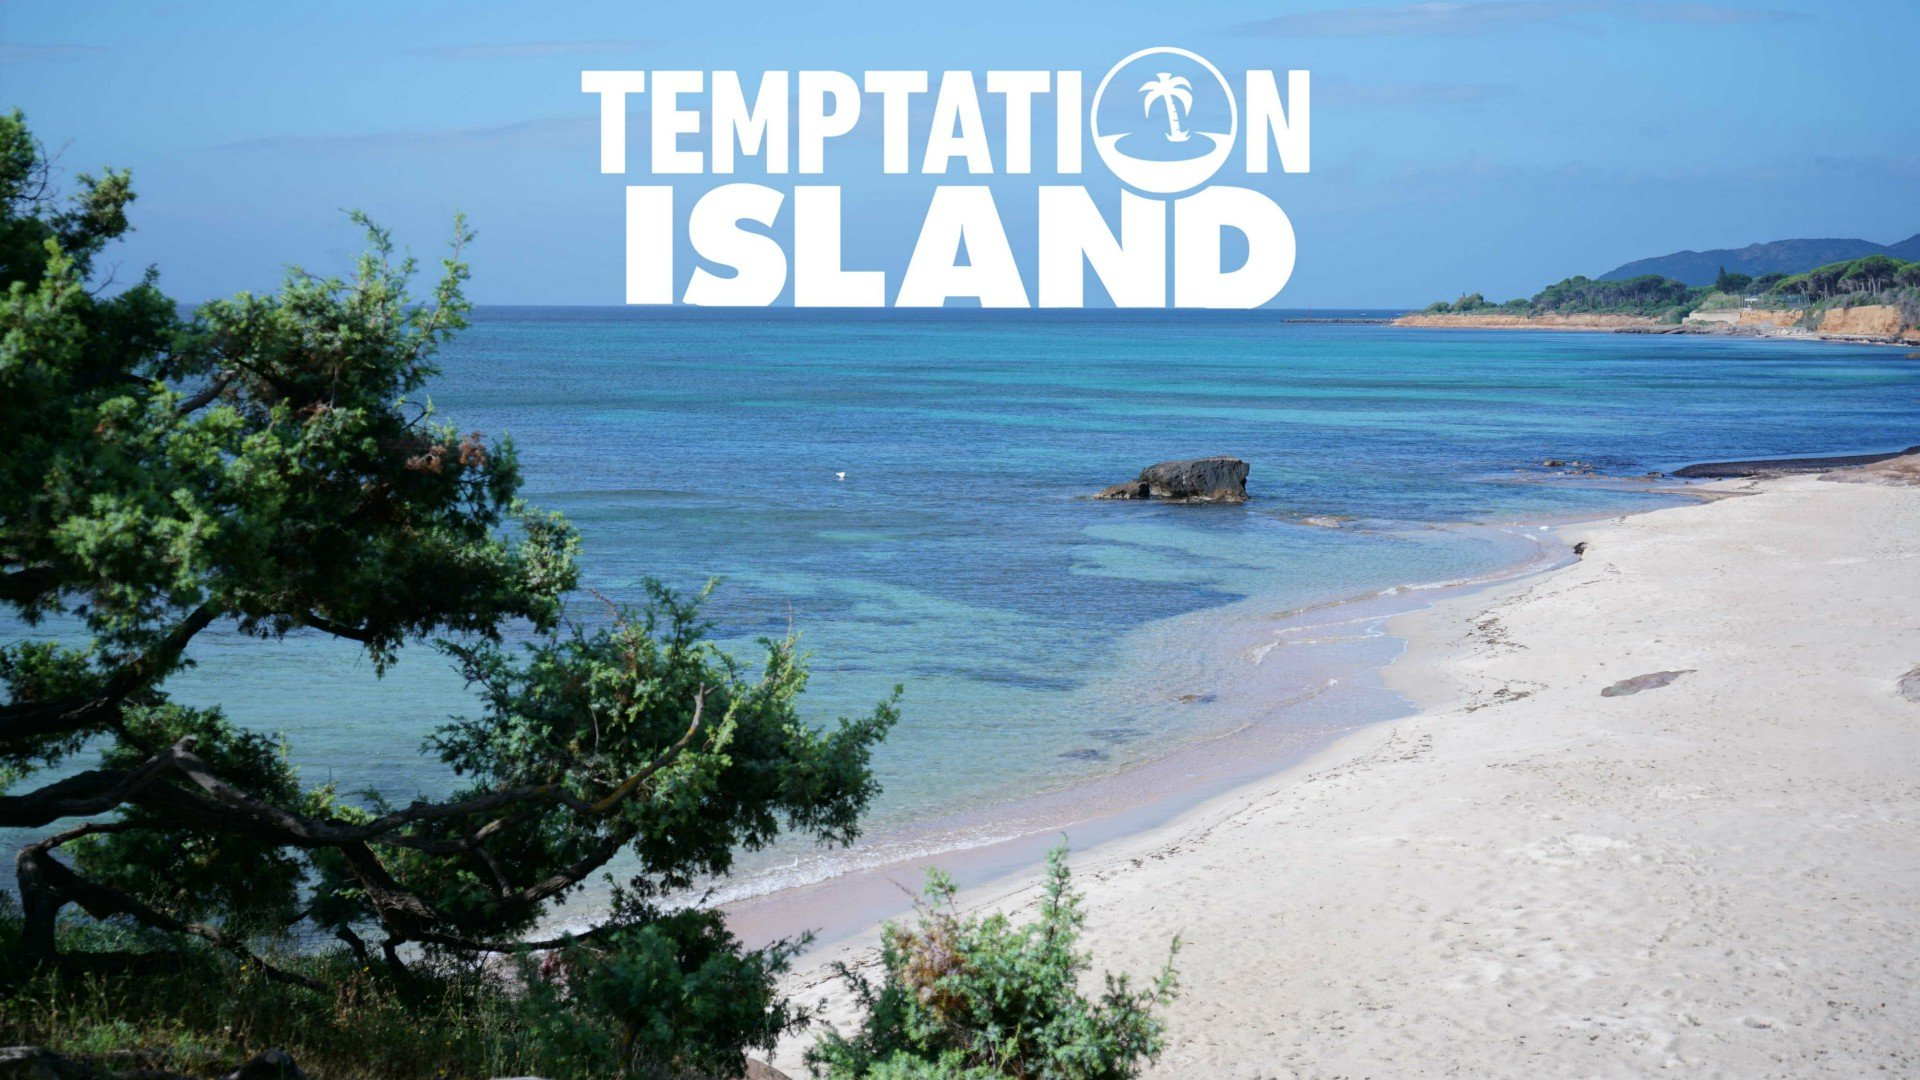 temptation-island,-proposta-di-nozze-in-diretta,-clamorosa-e-piena-di-vip:-lei-dice-si-nessuno-se-l'aspettava,-si-erano-lasciati.-ecco-il-video